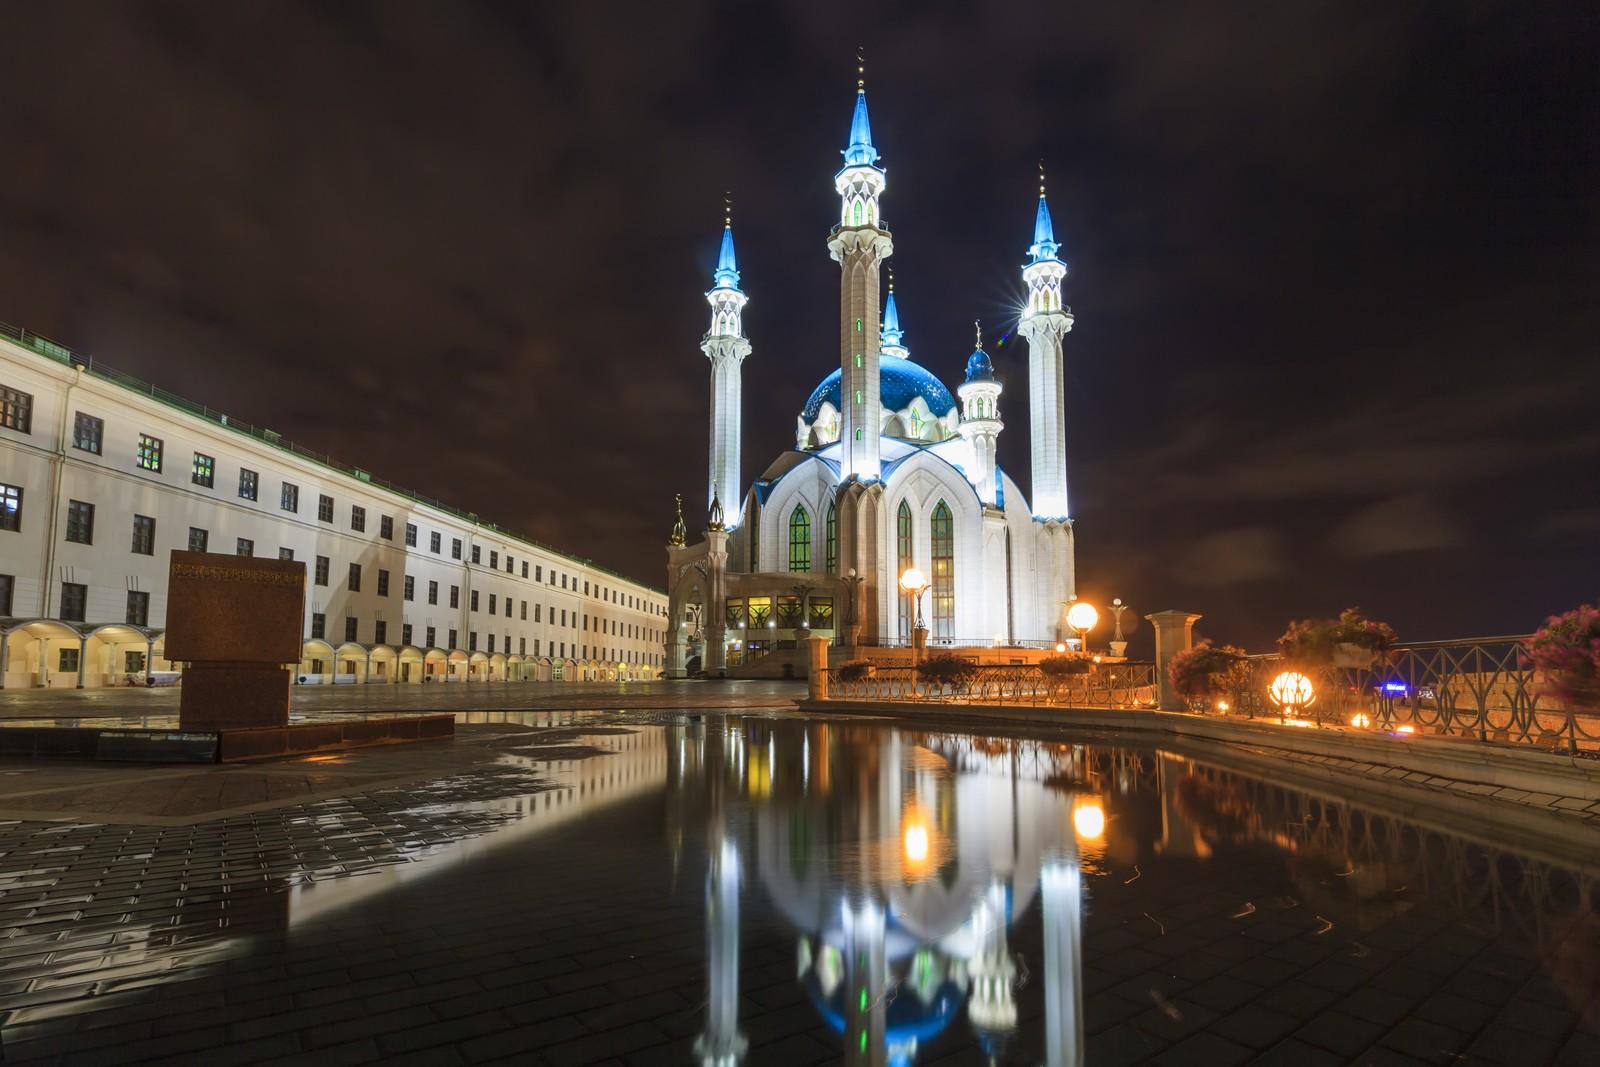 Мечеть Кул-Шариф вечером